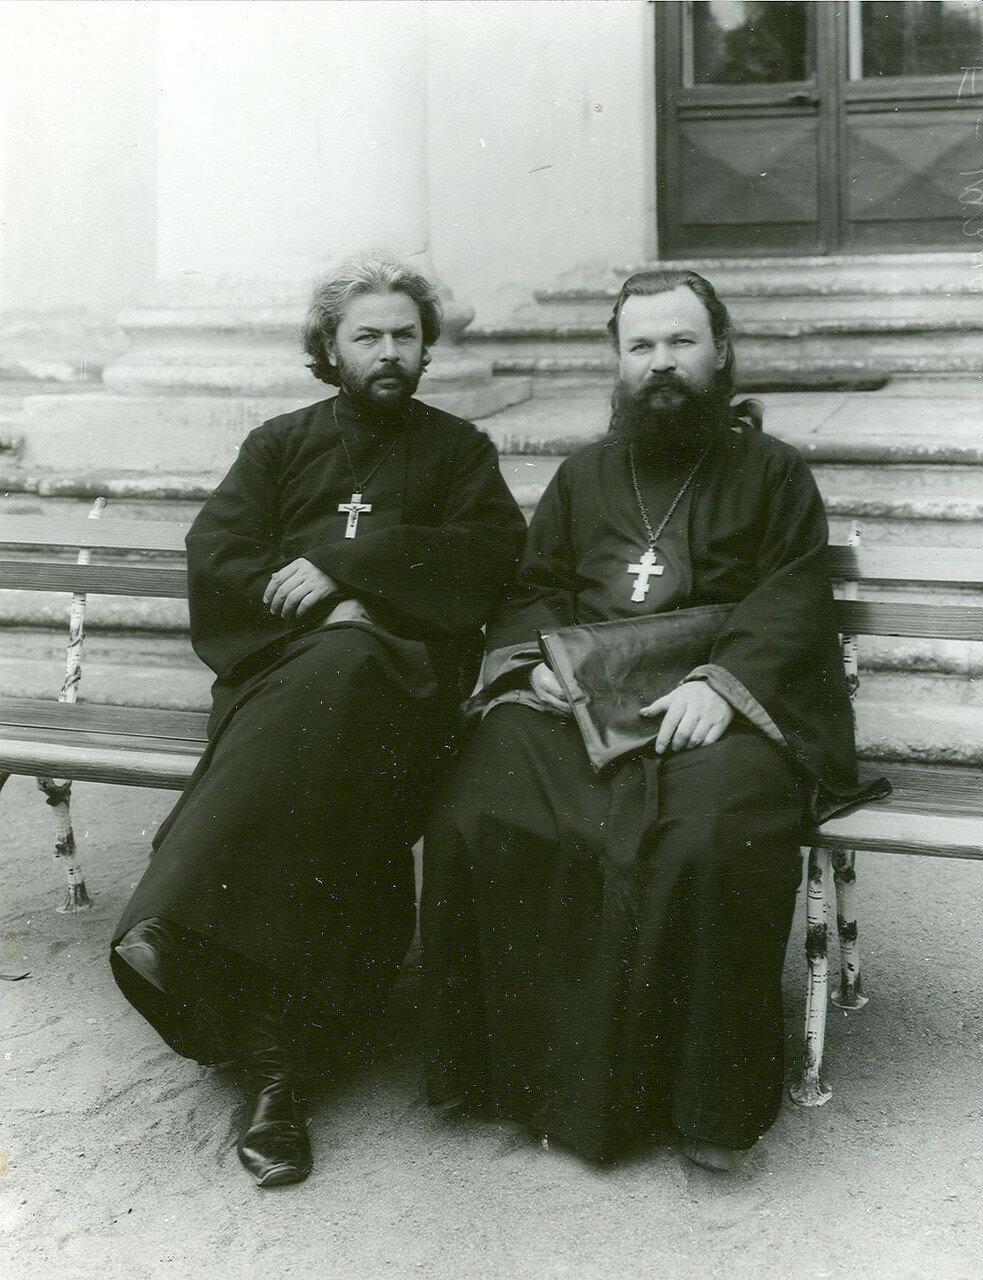 Группа священников депутатов Второй Государственной думы. Слева священник Григорий Спиридонович Петров